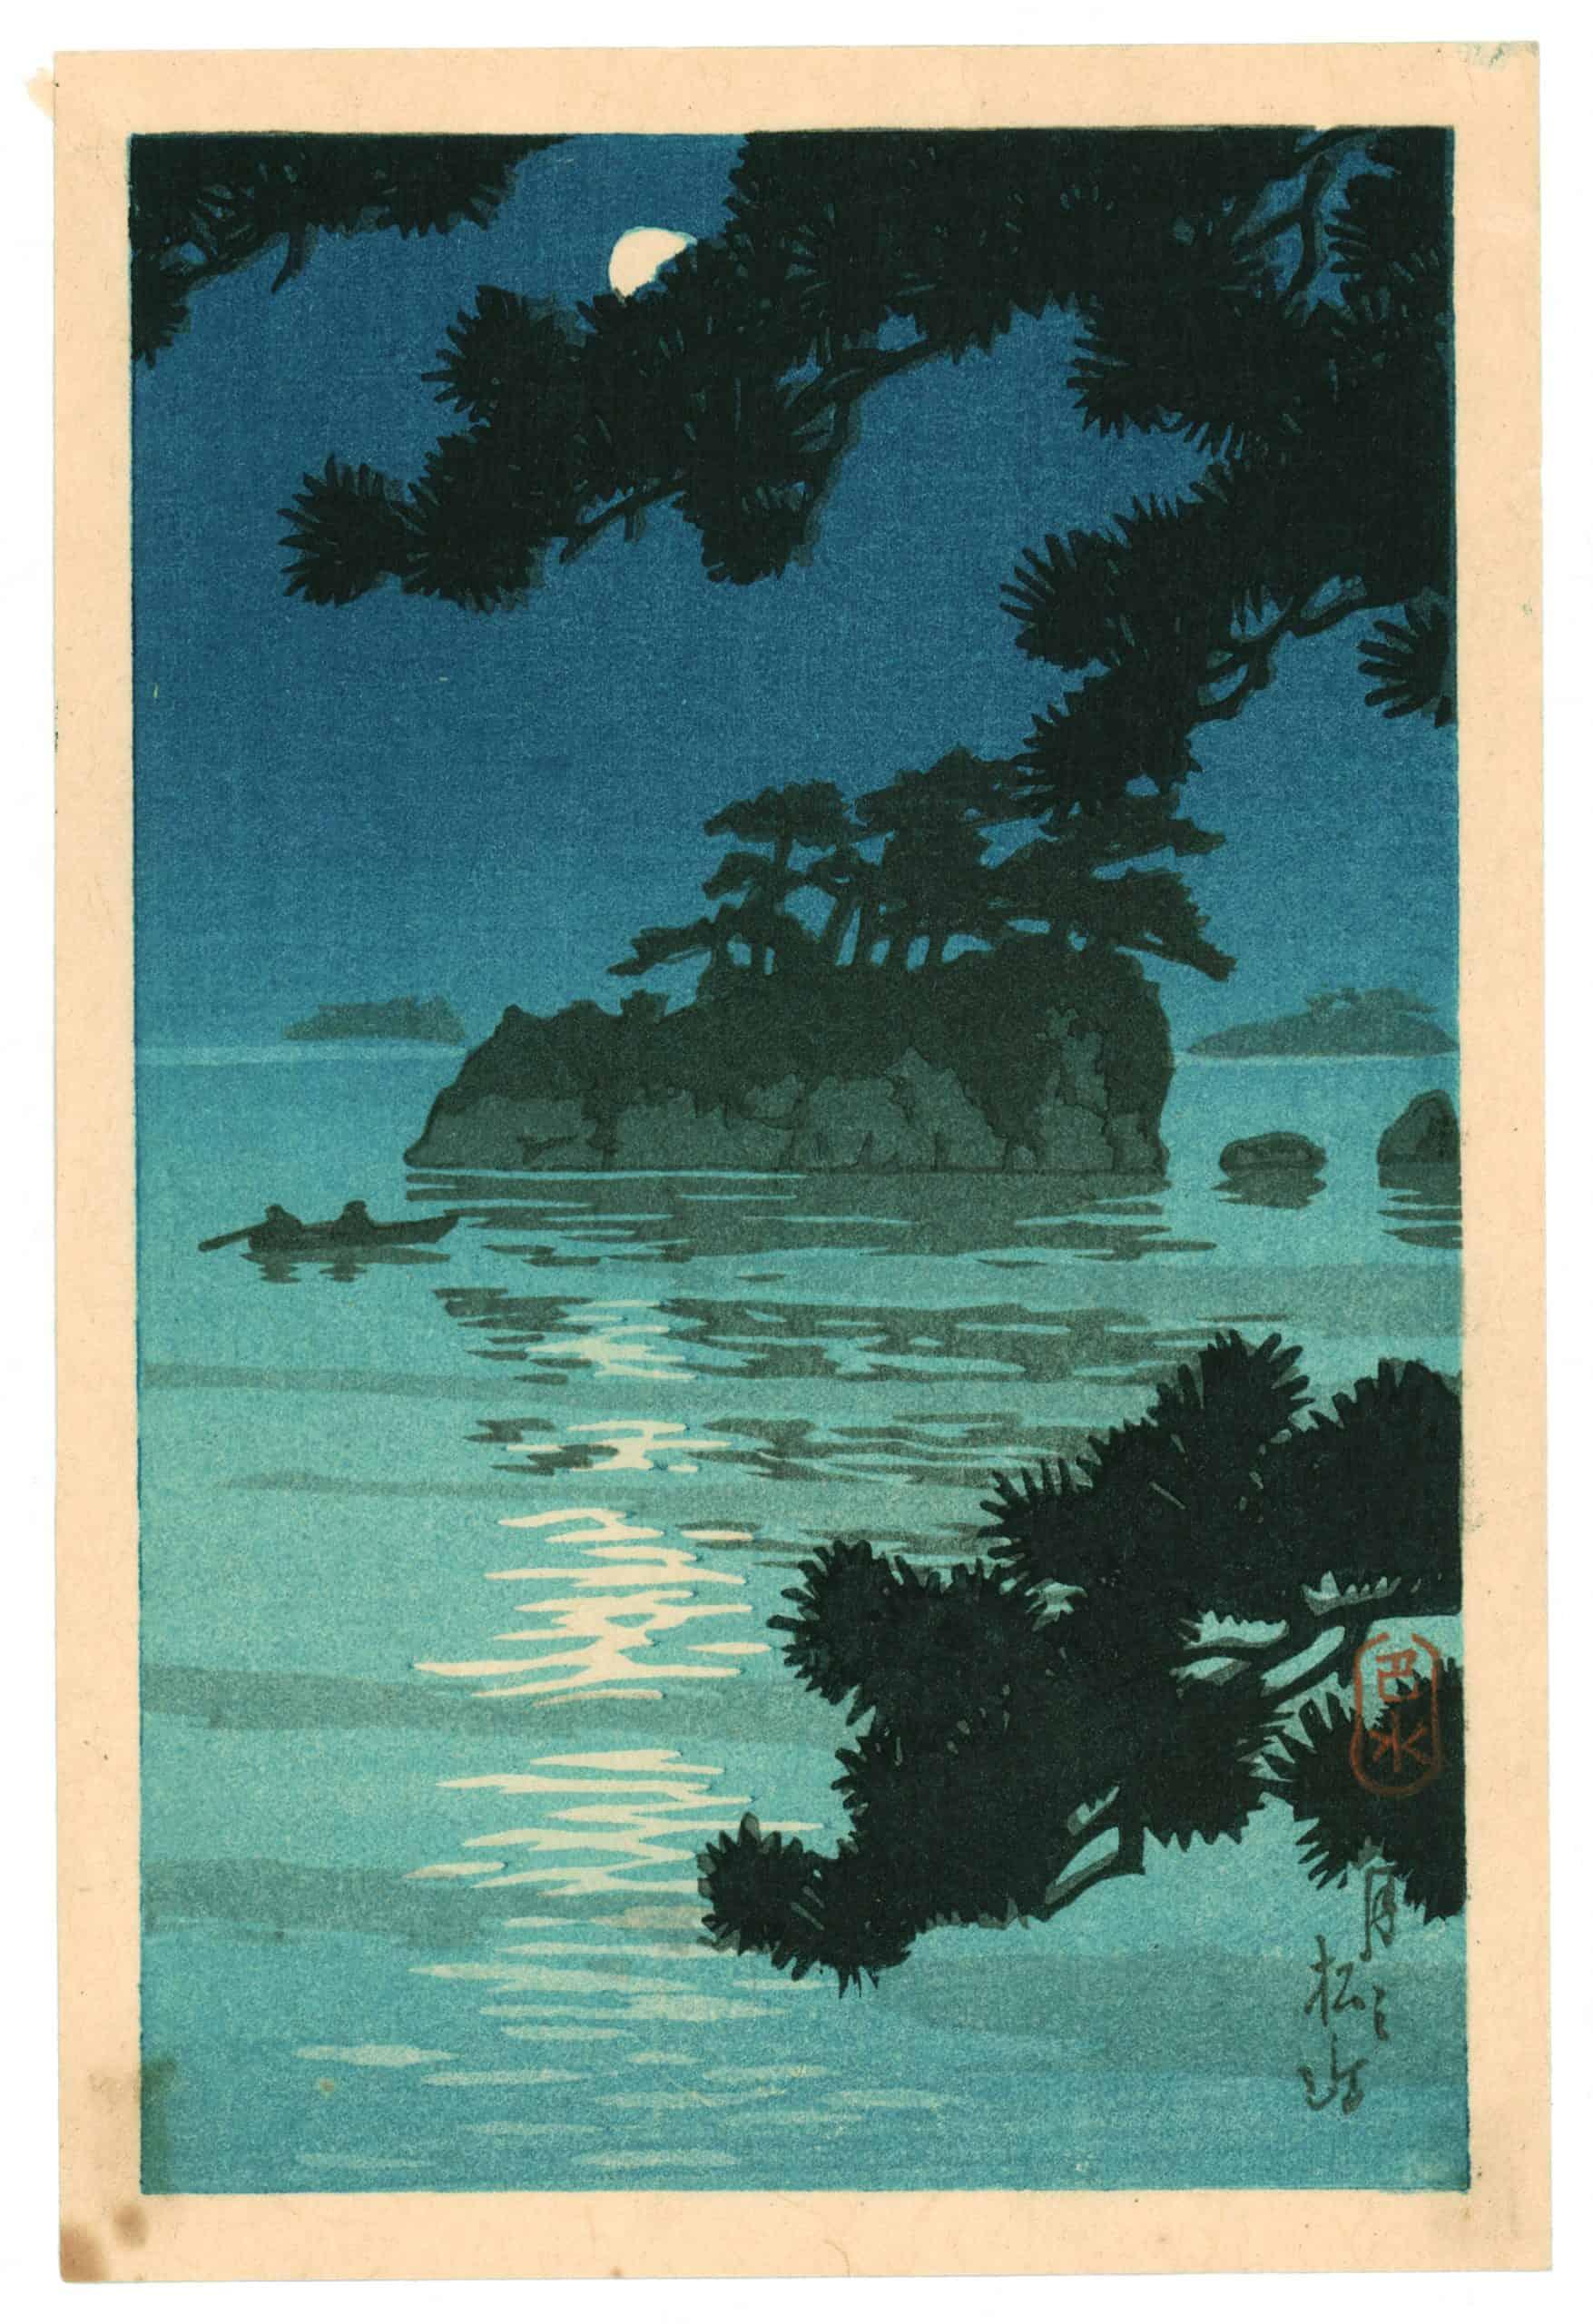 Kawase Hasui - Moon at Matsushima